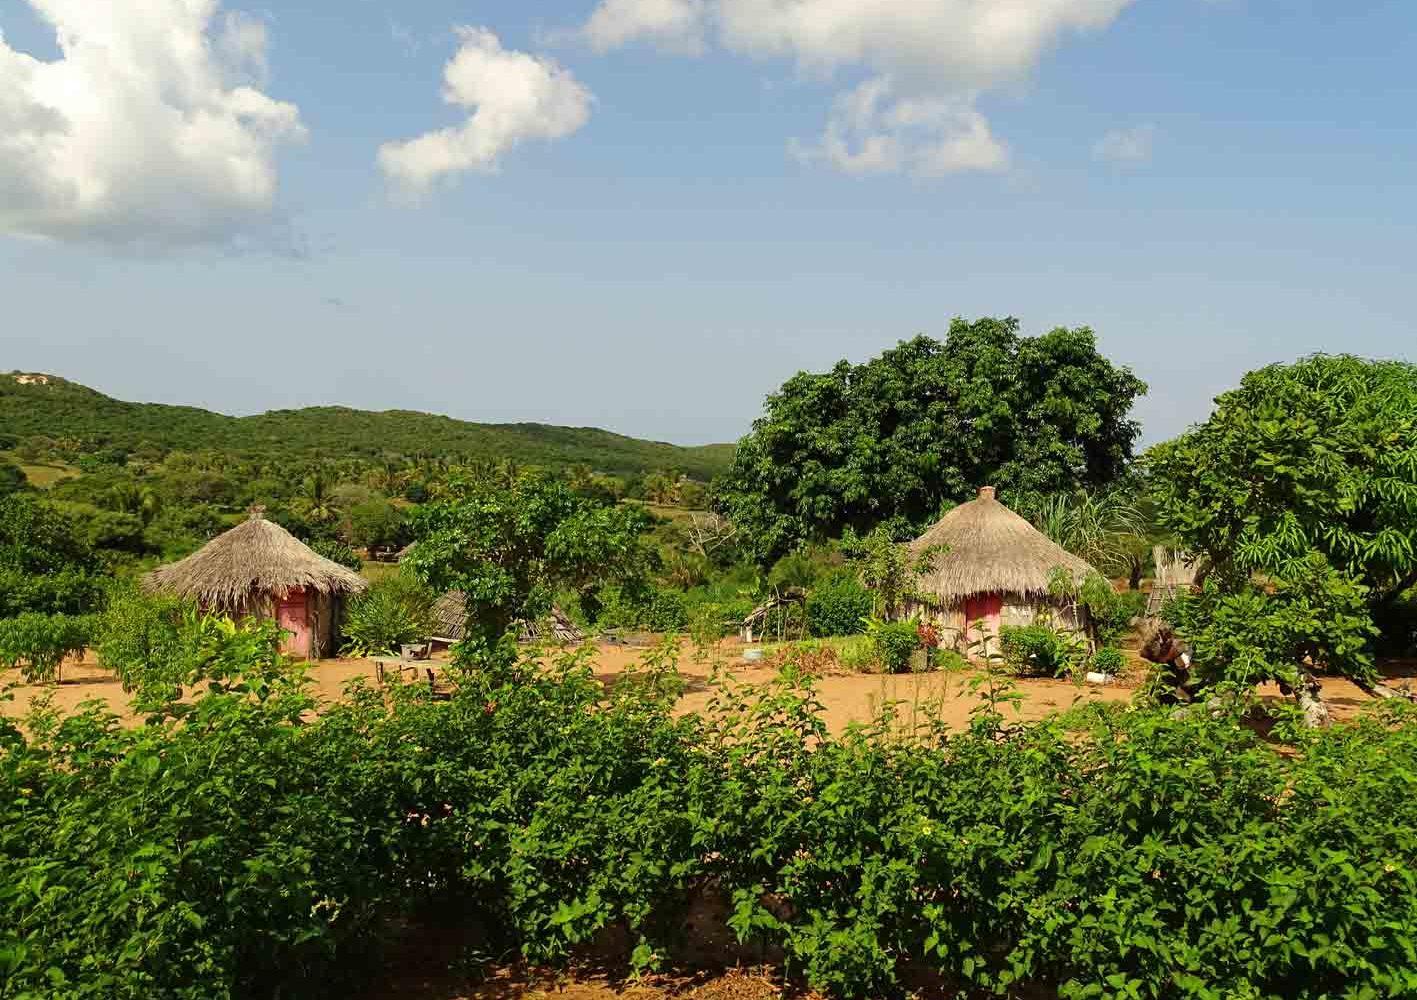 Einfaches Landleben in Mozambique